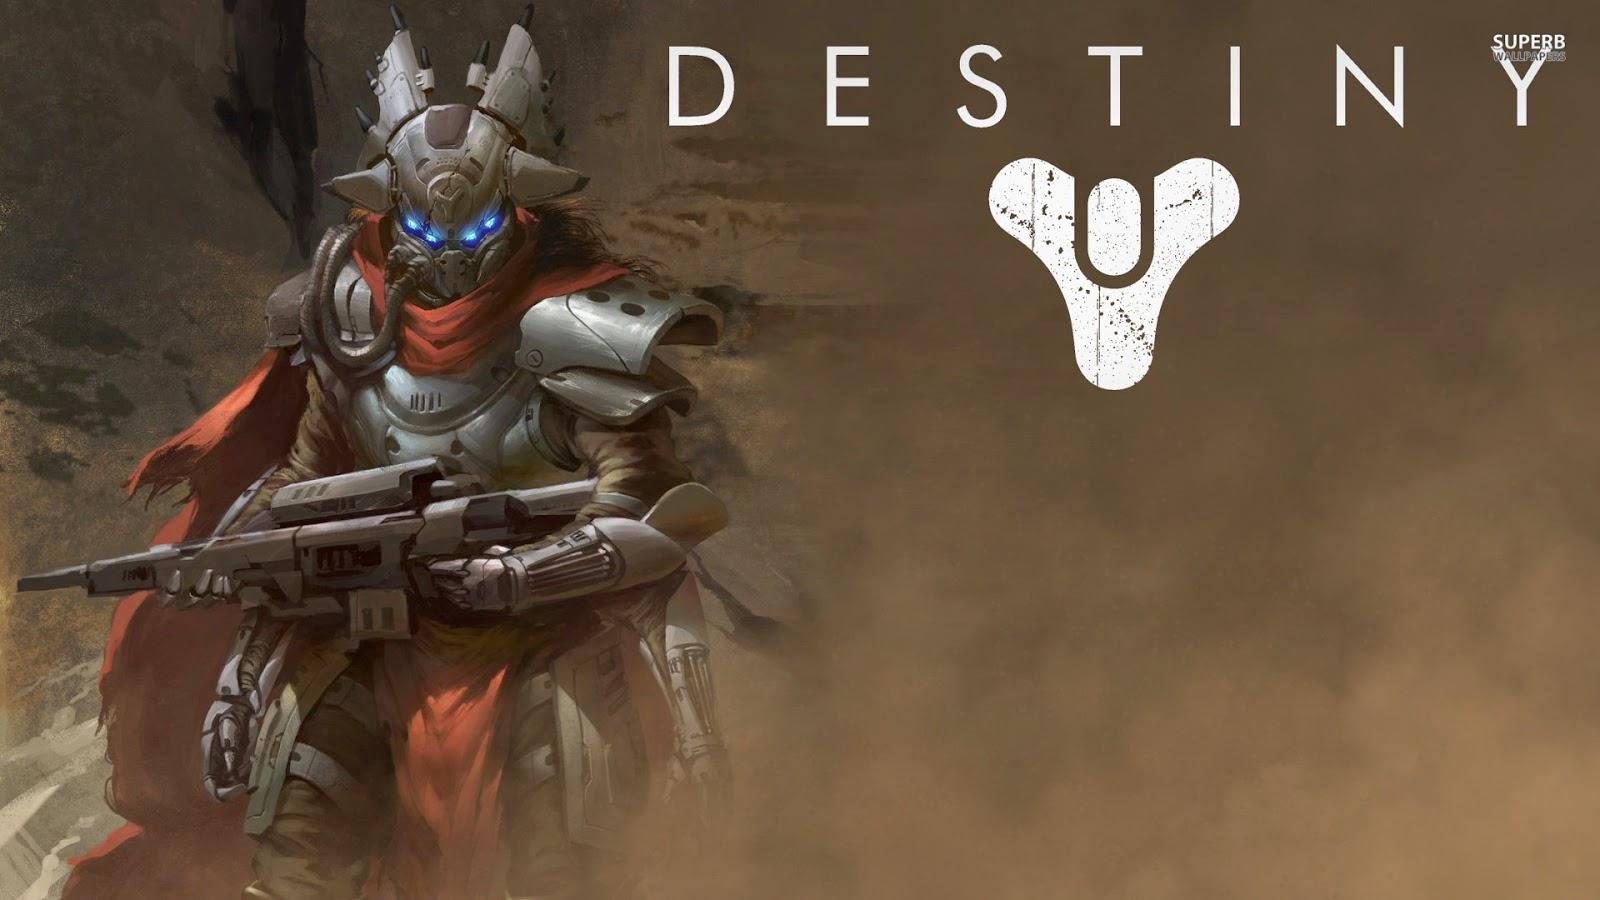 Компания Activision дарит next-gen версию игры Destiny